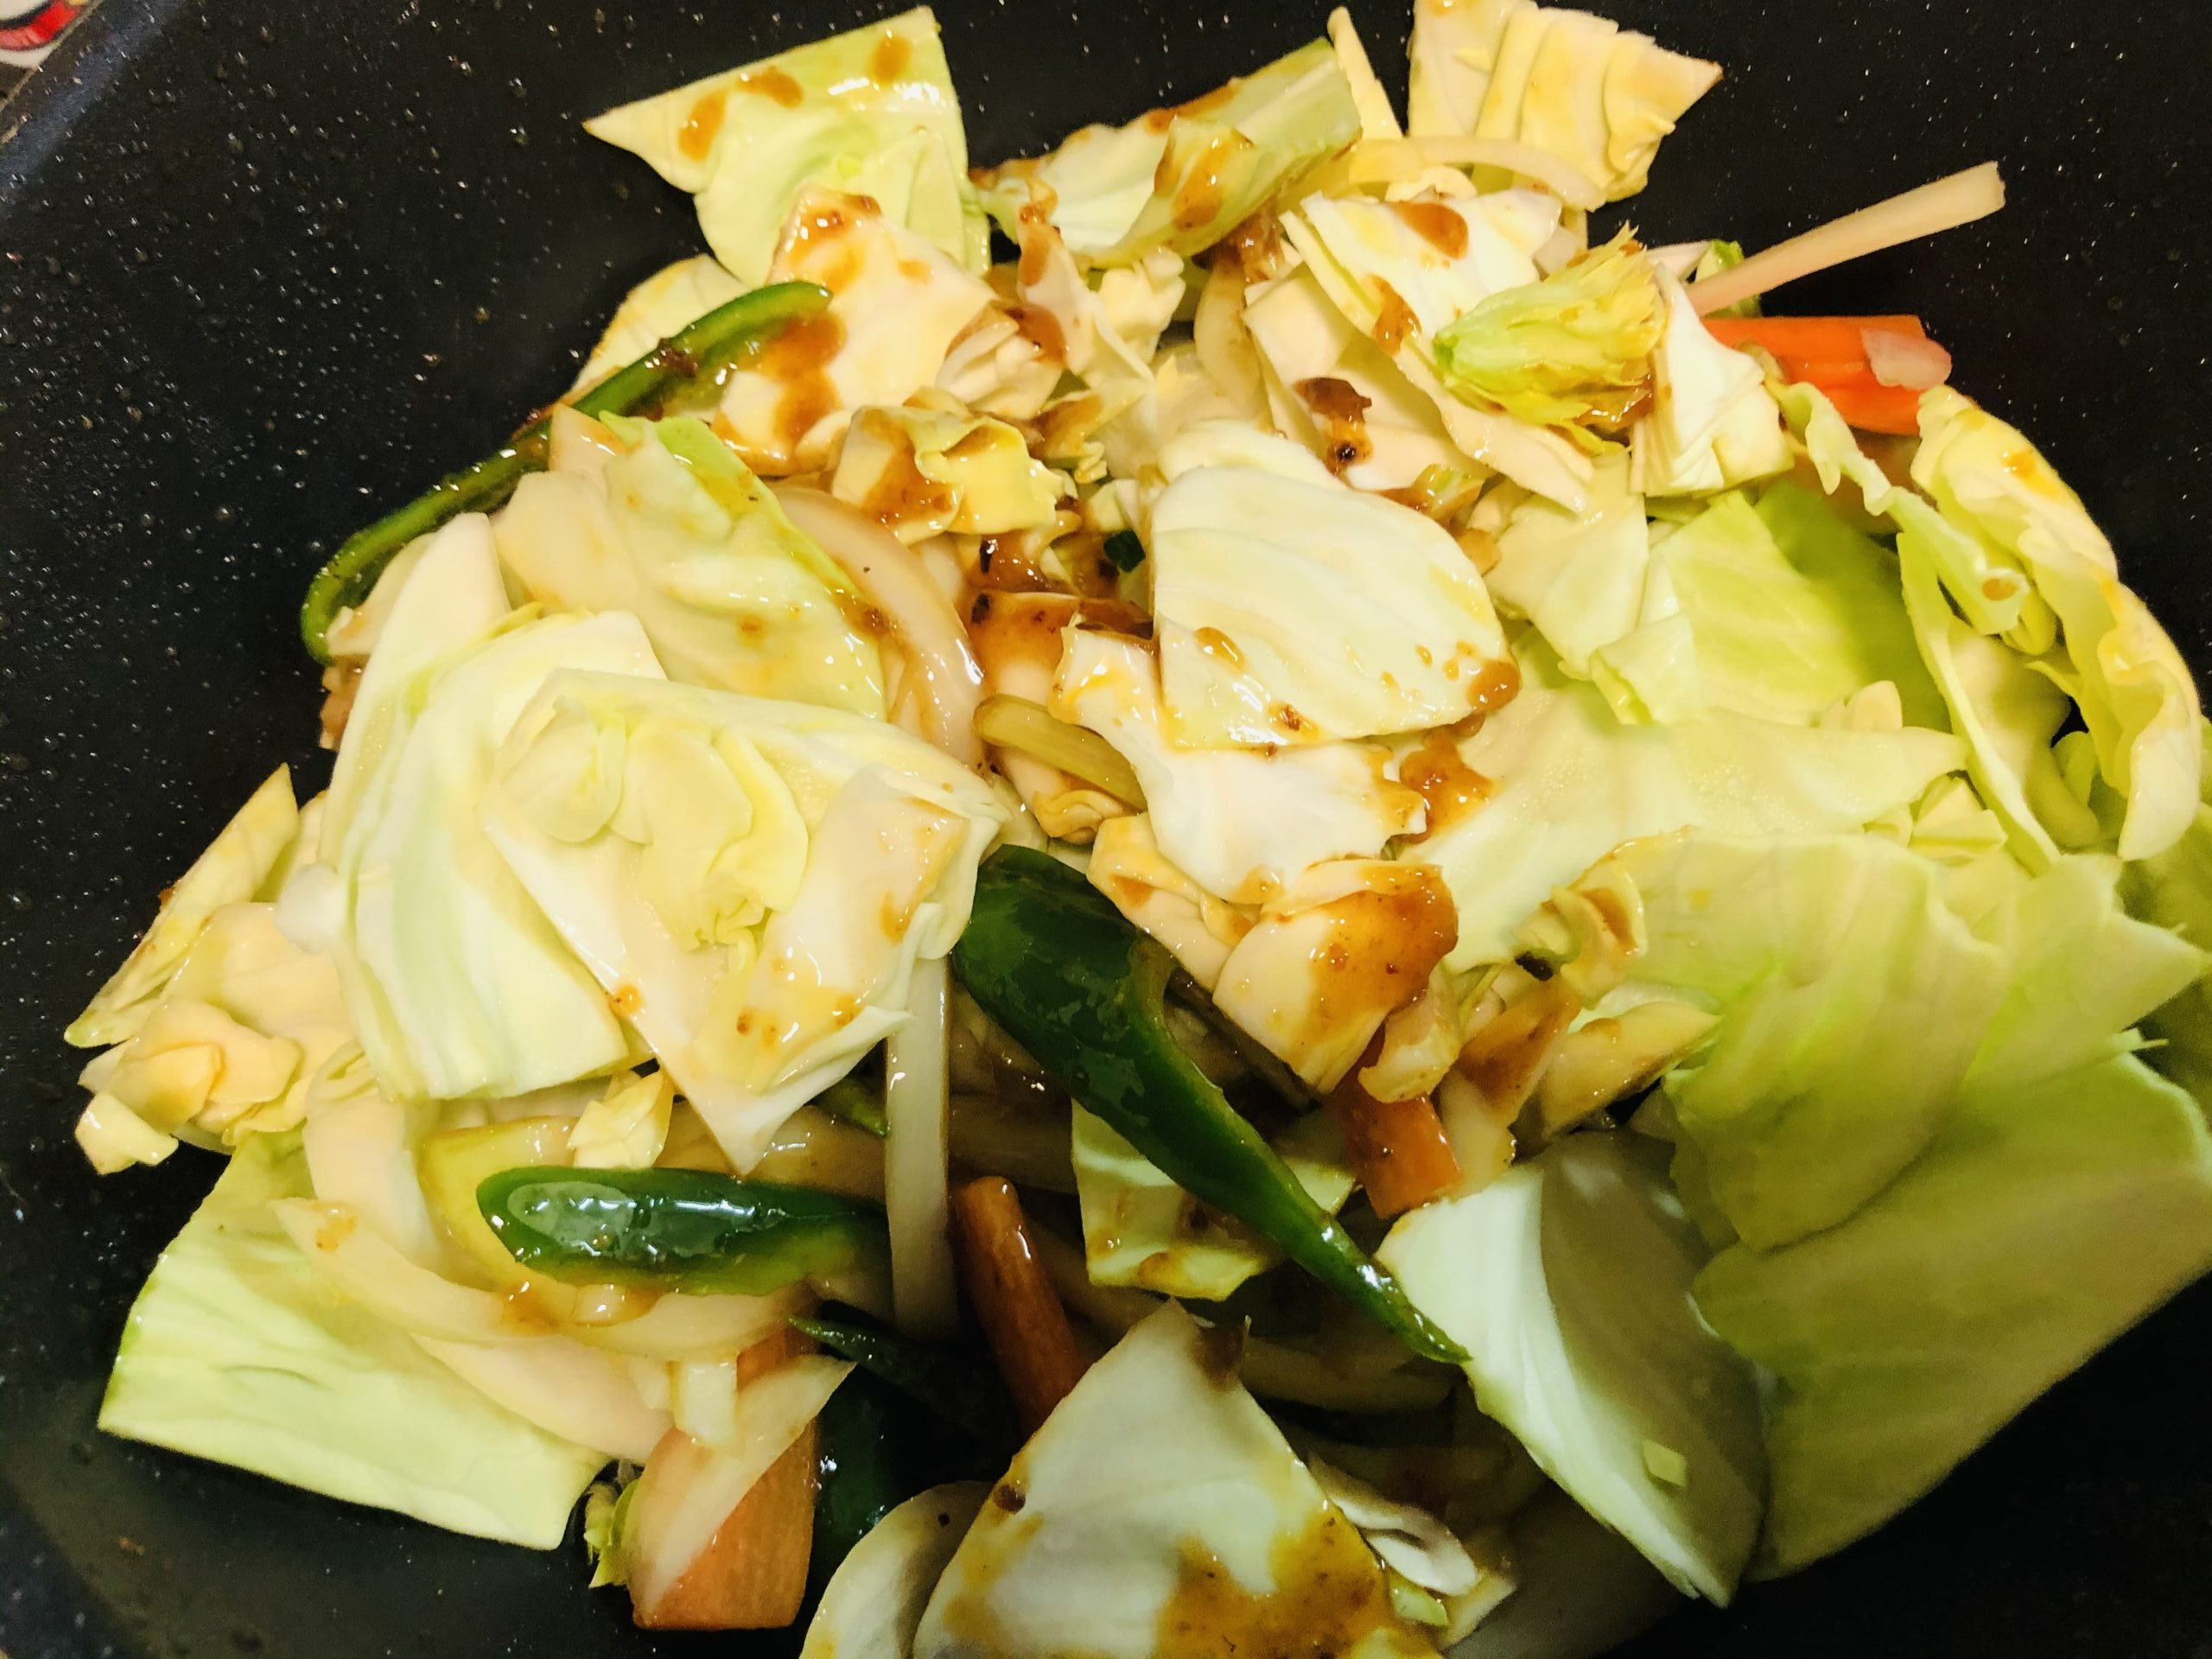 野菜を入れ合わせ調味料と絡めて炒めている様子の画像です